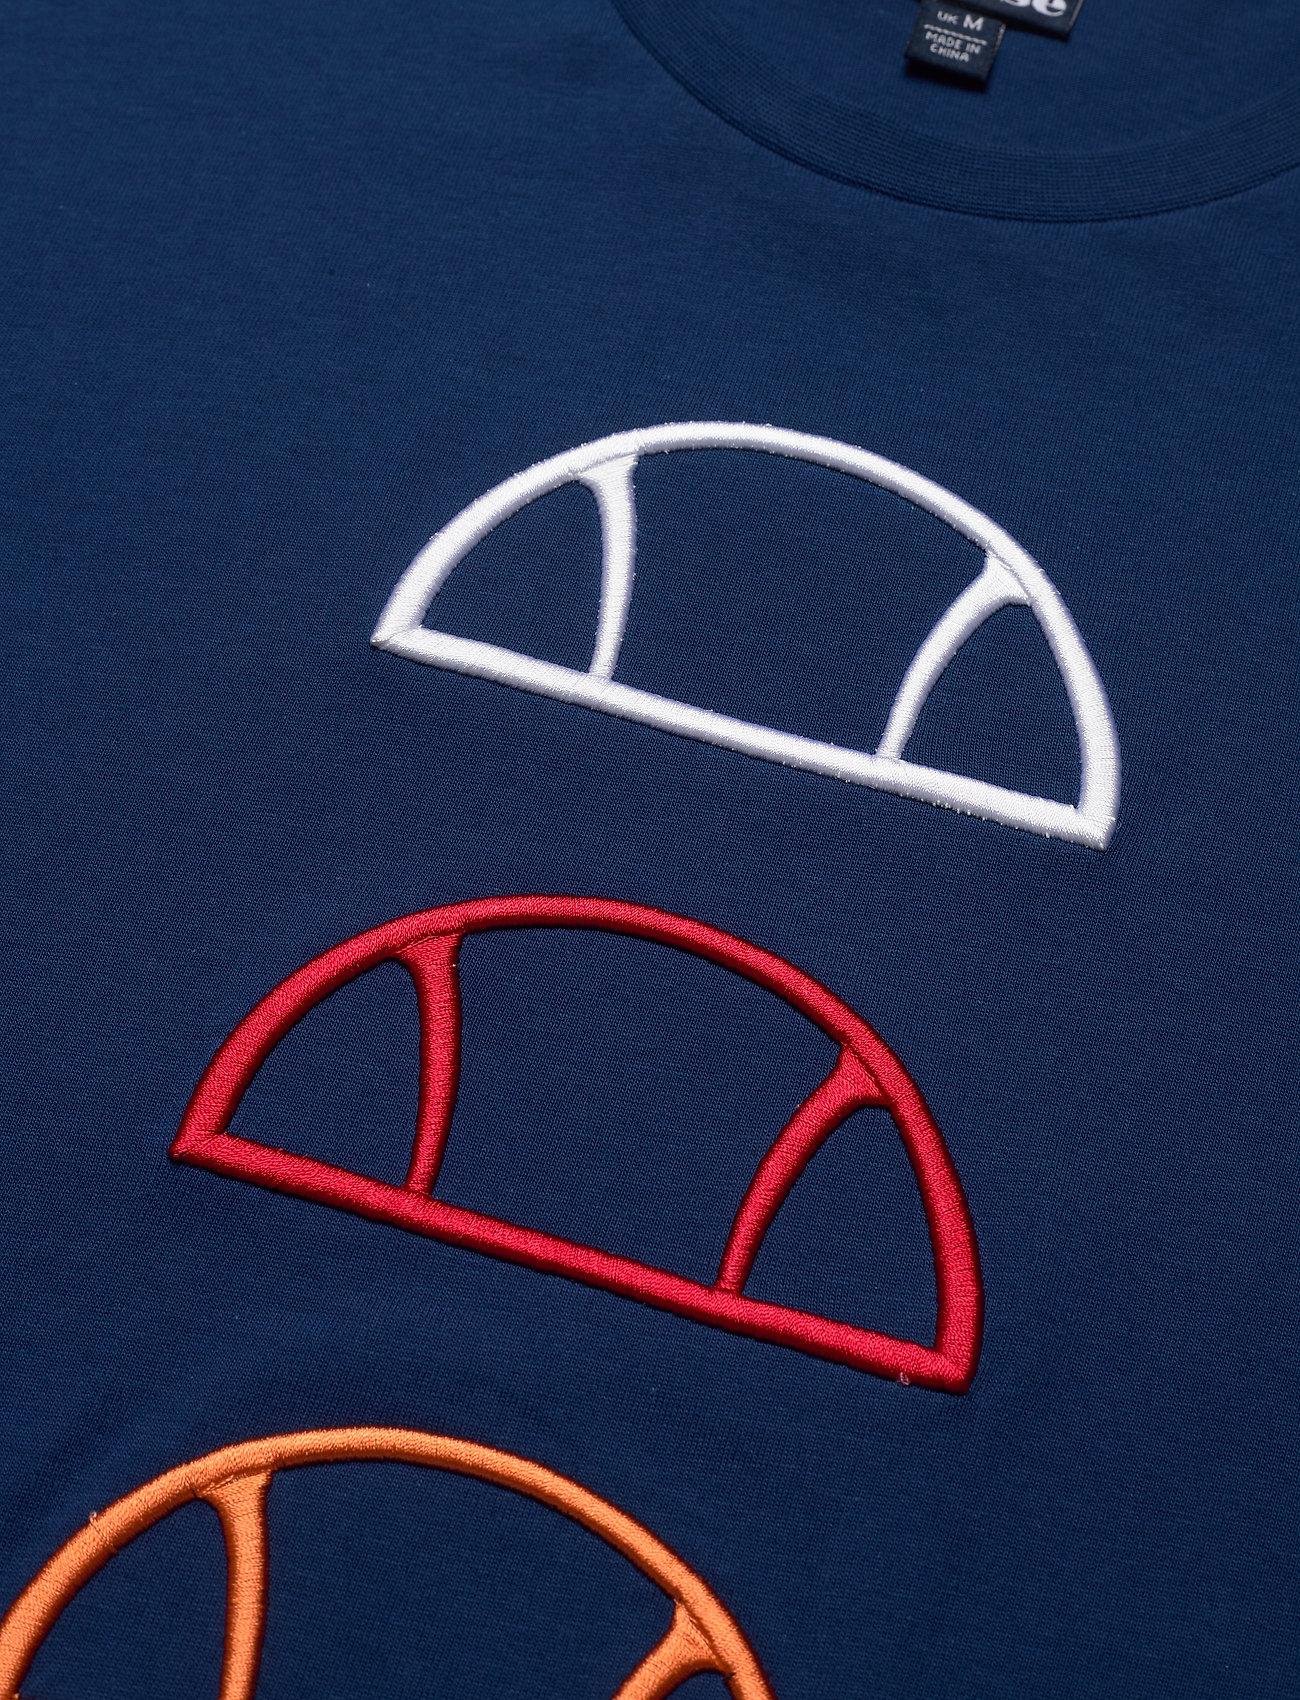 Ellesse EL FEVER TEE - T-skjorter NAVY - Menn Klær